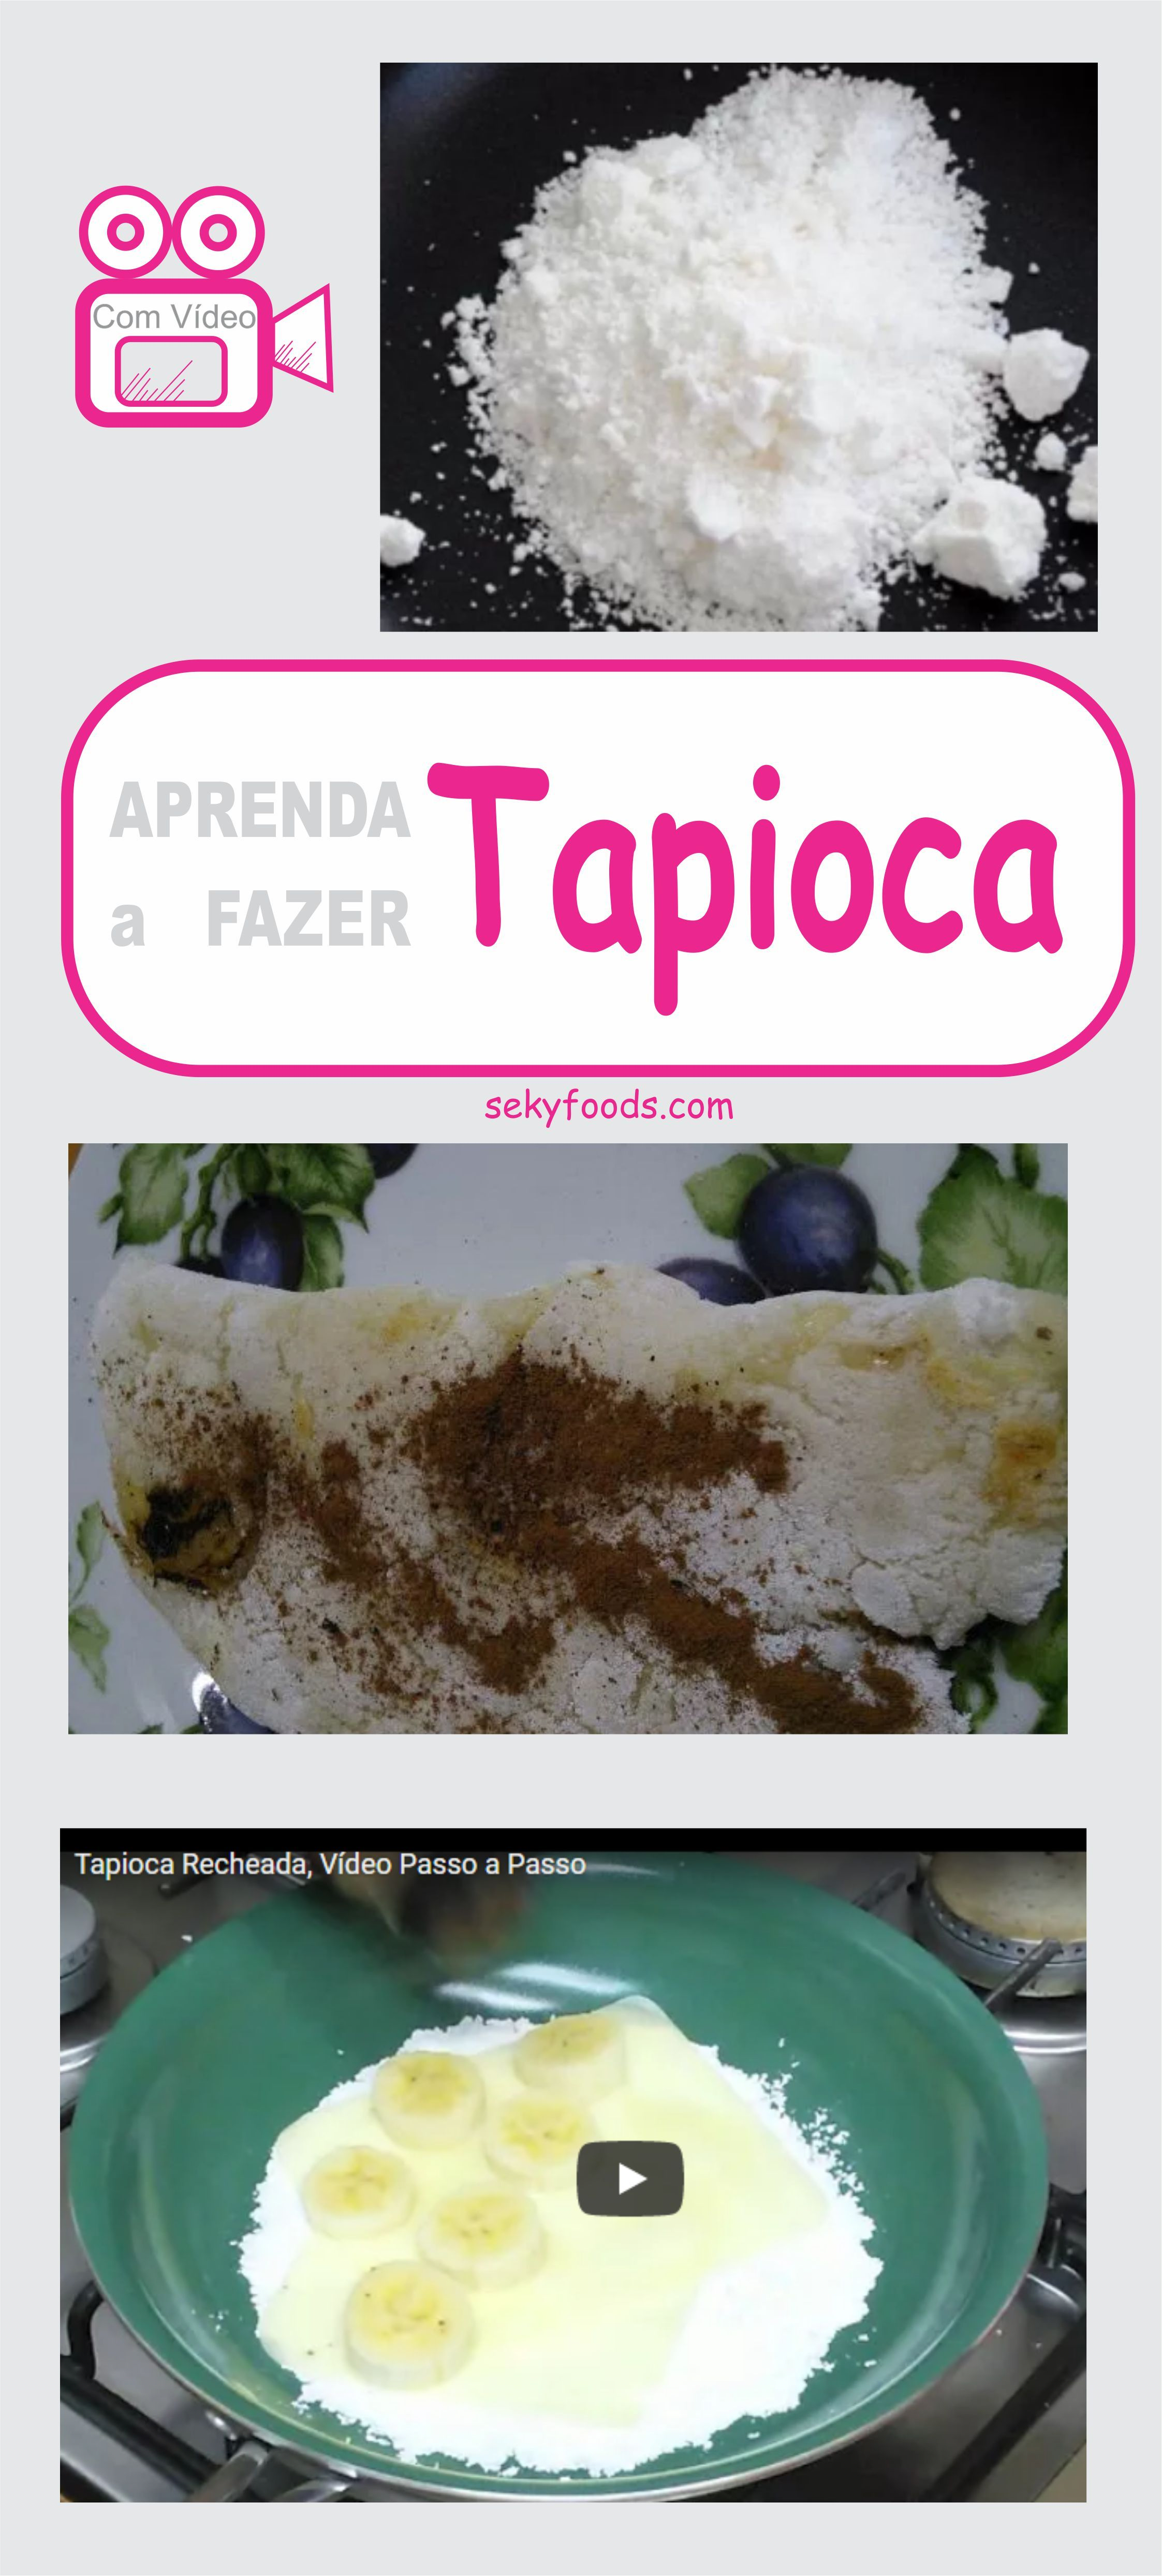 Como Fazer Tapioca Doce e Salgada Facilmente | Como fazer tapioca. Tapioca e Como fazer tapioca doce